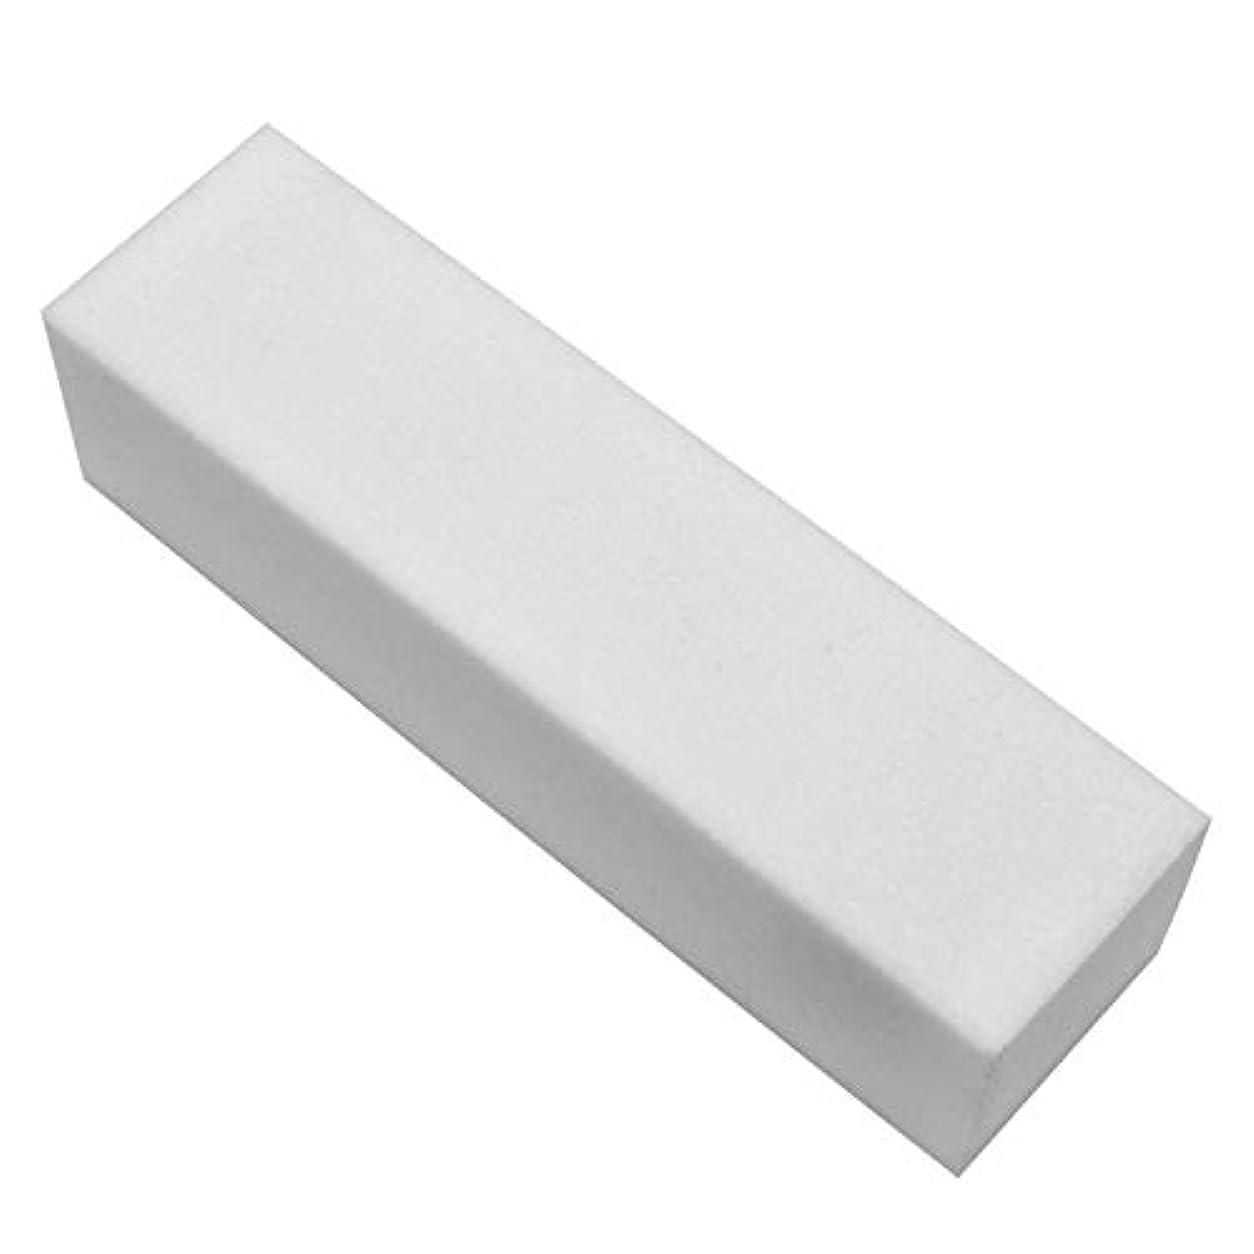 塊ジャム累積ネルパラ ホワイトブロック (ファイル) 25x25x95mm